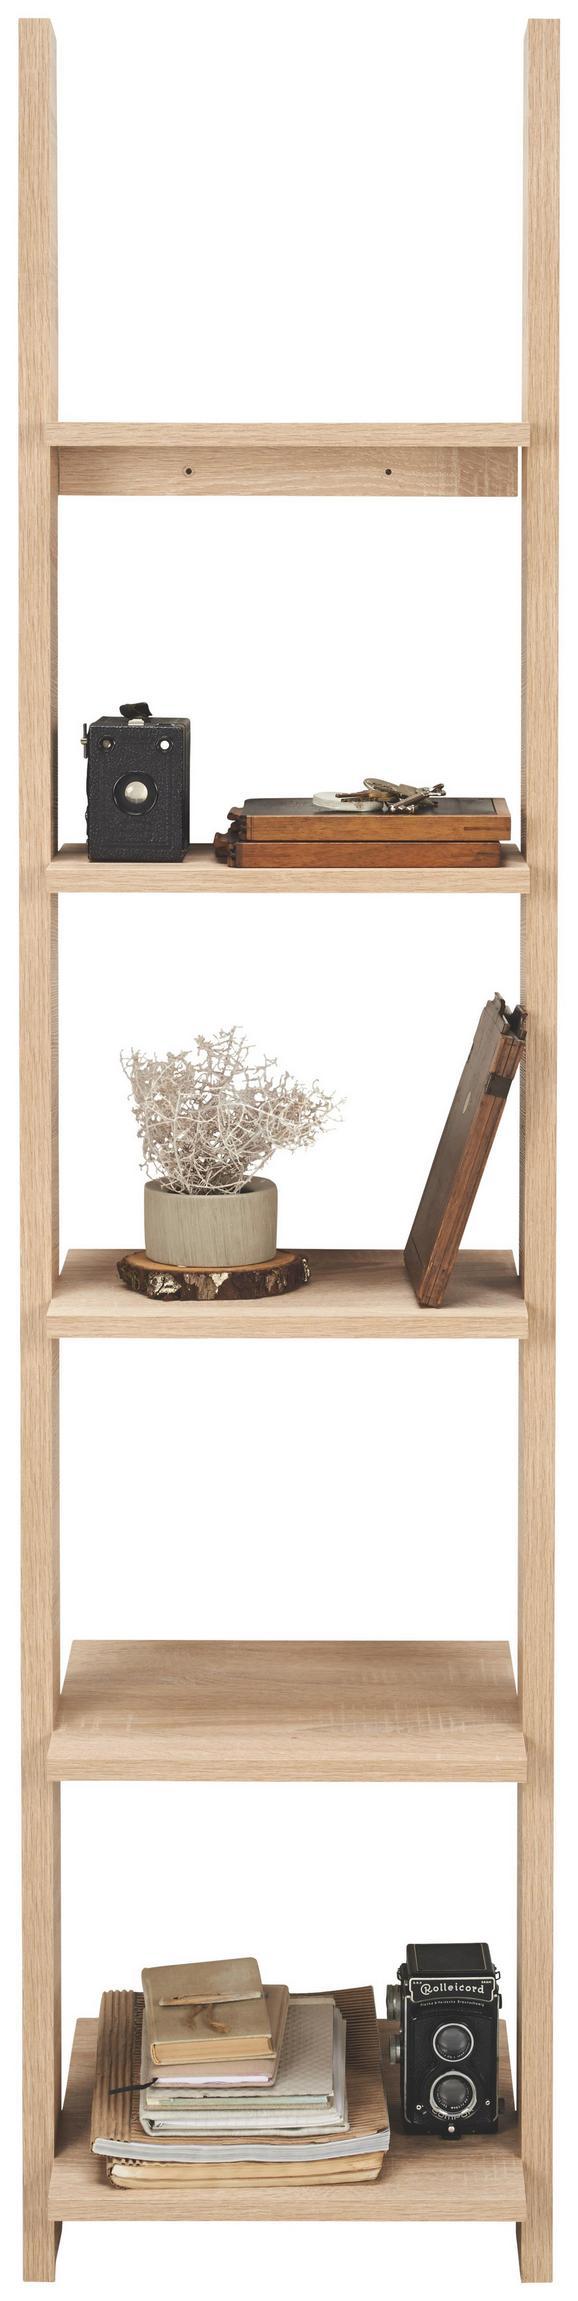 Regal in Eiche, 5 Ablagen - Eichefarben/Weiß, KONVENTIONELL, Holz/Holzwerkstoff (41,4/176/34,2cm) - Mömax modern living